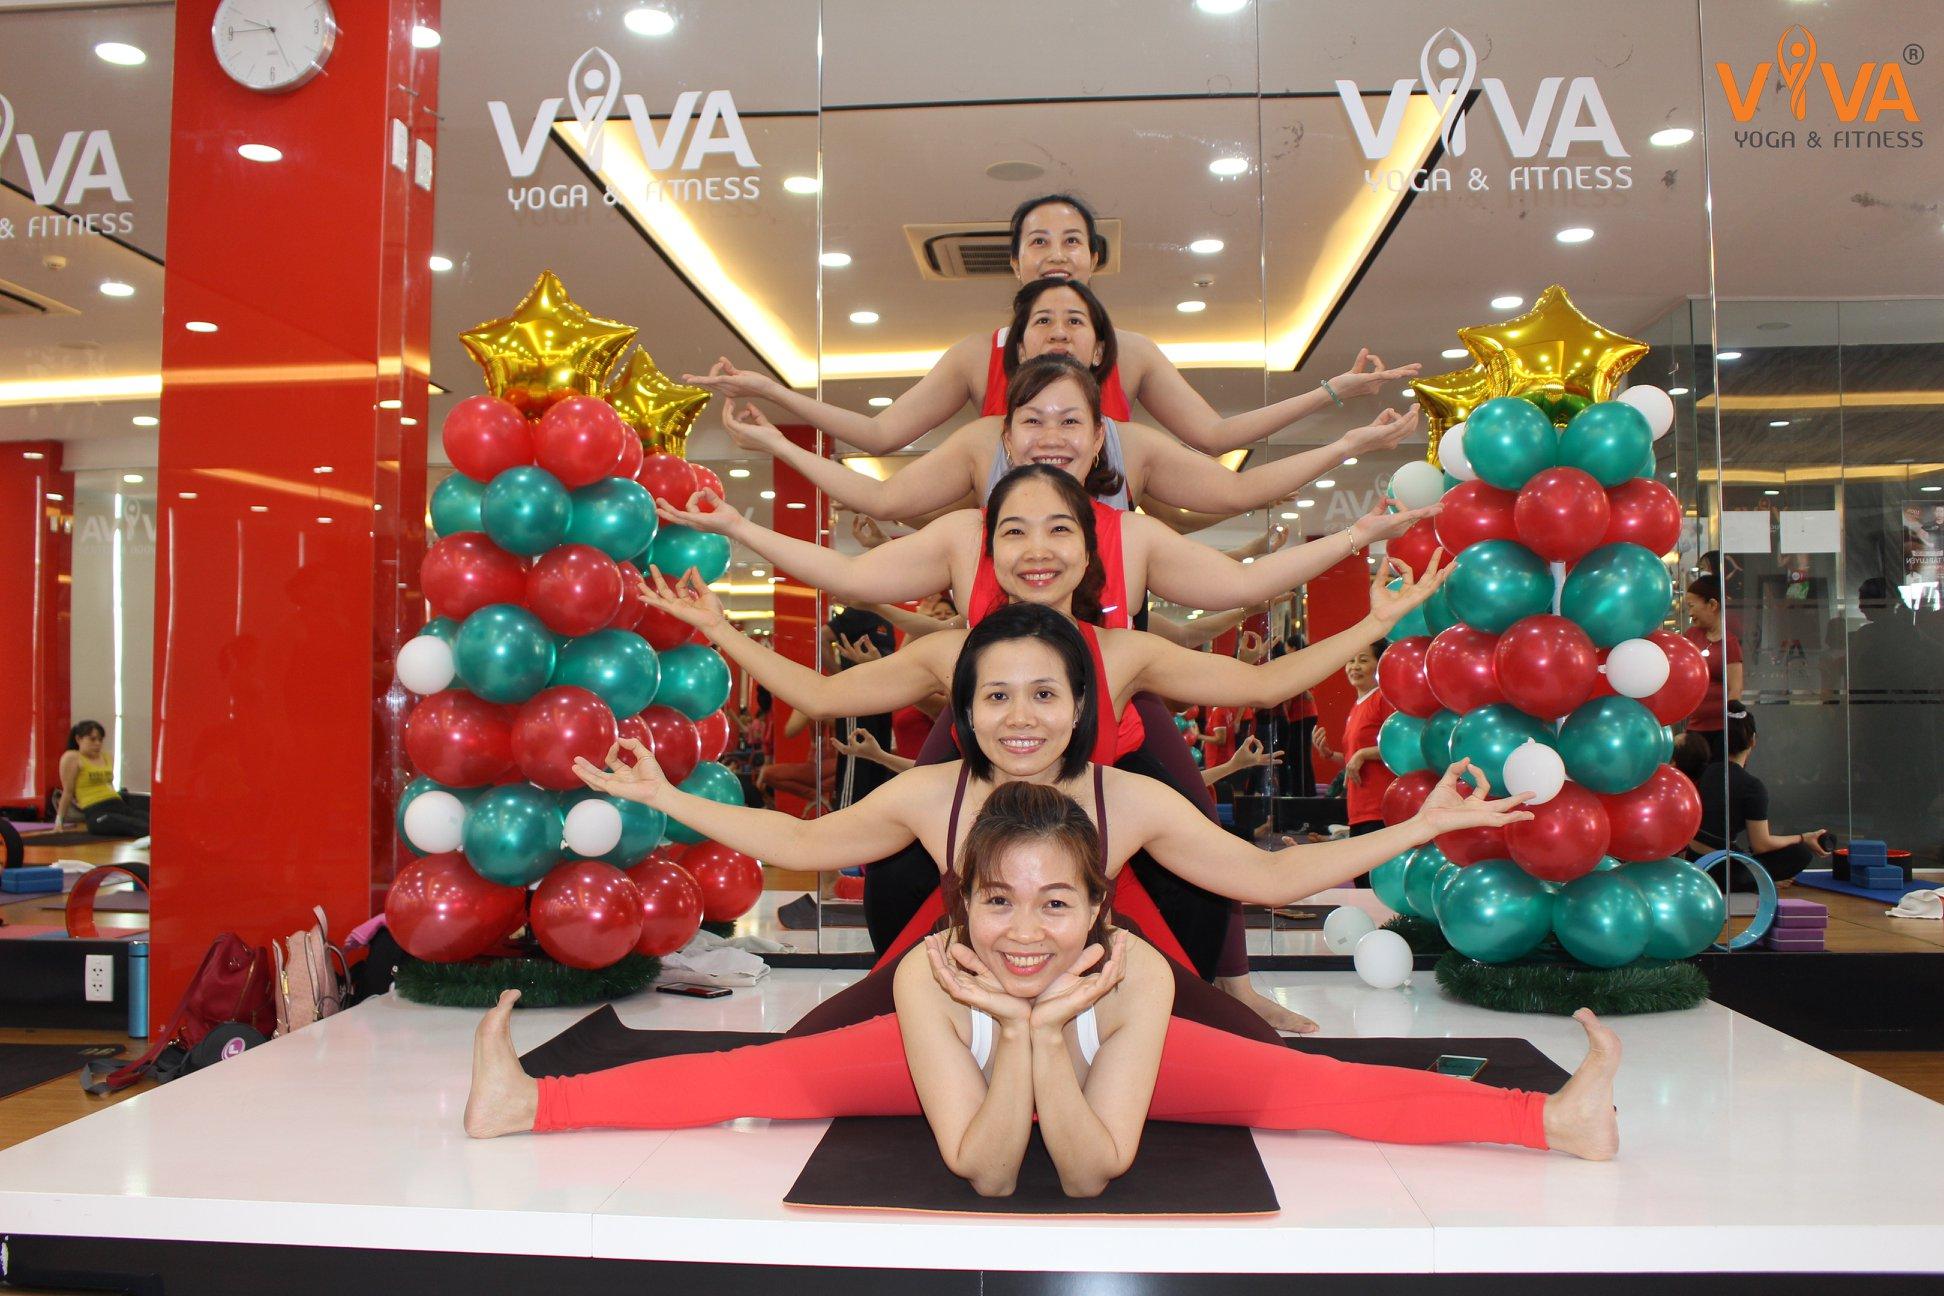 Gym Master Triển khai thành công phần mềm quản lý Yoga cho ViVa Yoga & Fitness